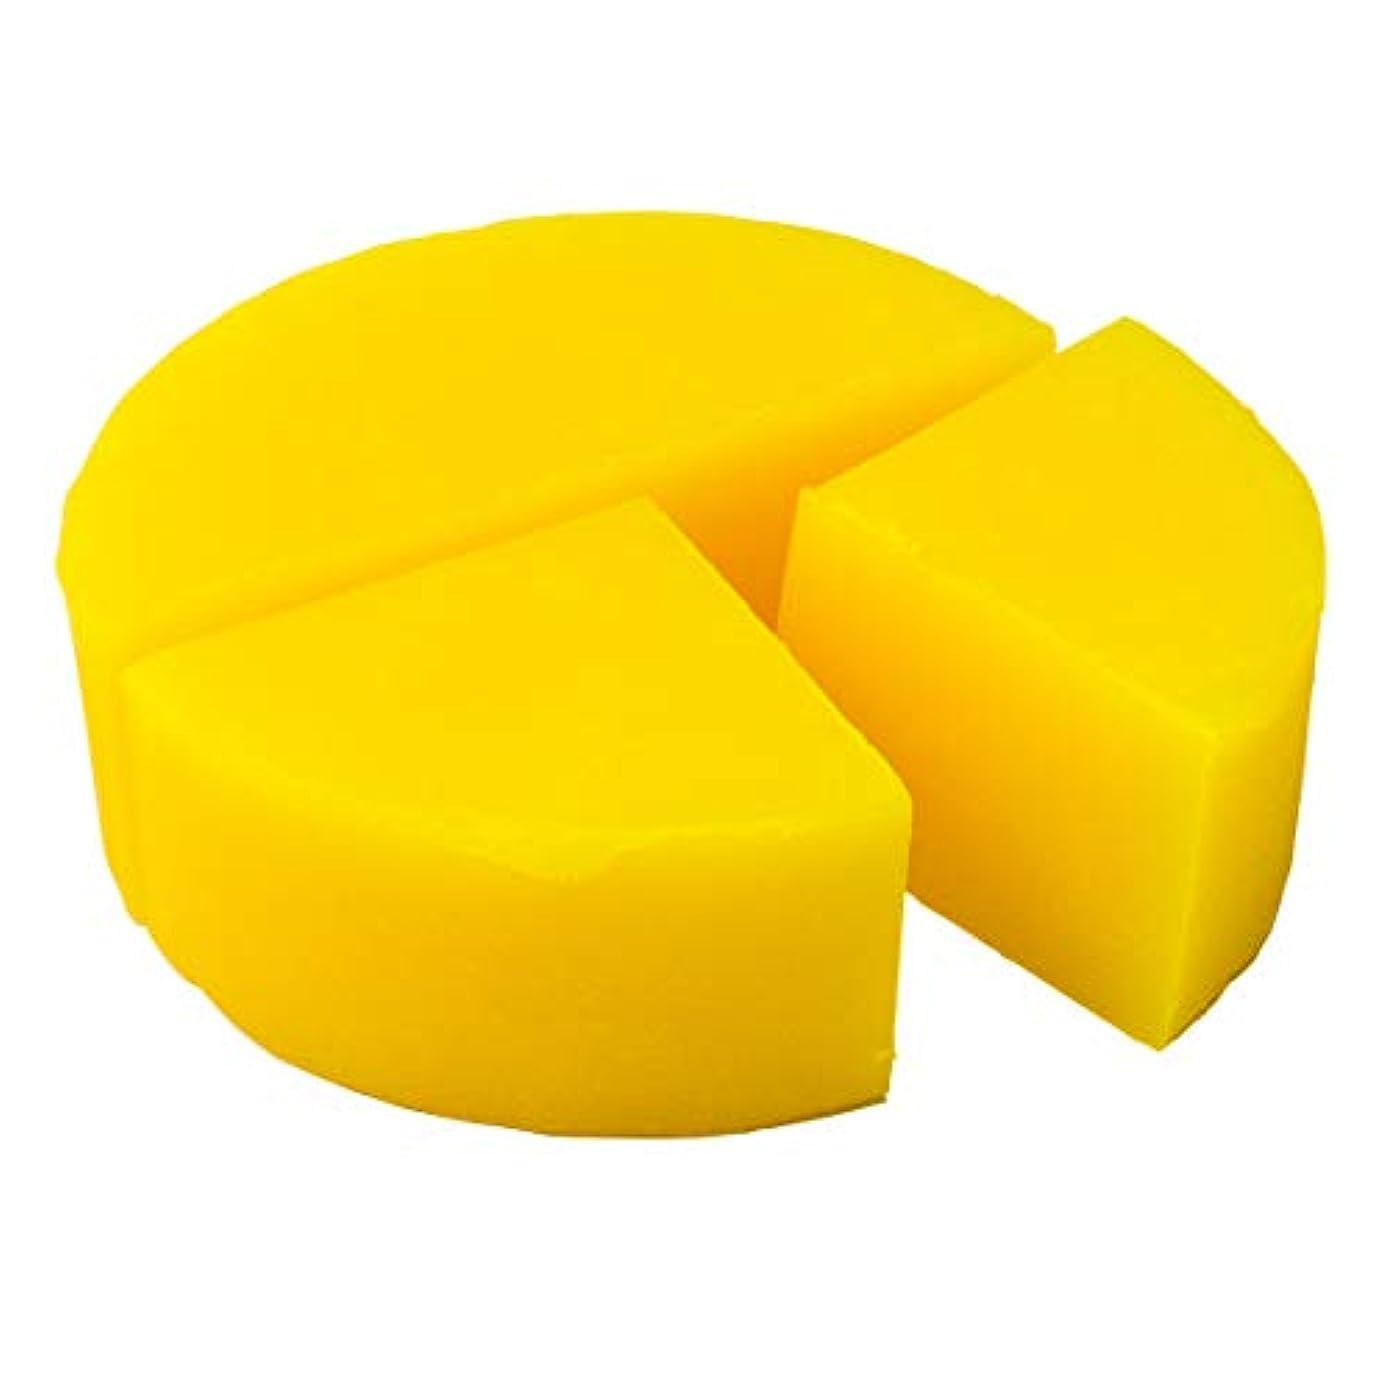 ブランデー眠る破壊的なグリセリン クリアソープ (MPソープ) 色チップ 黄 100g